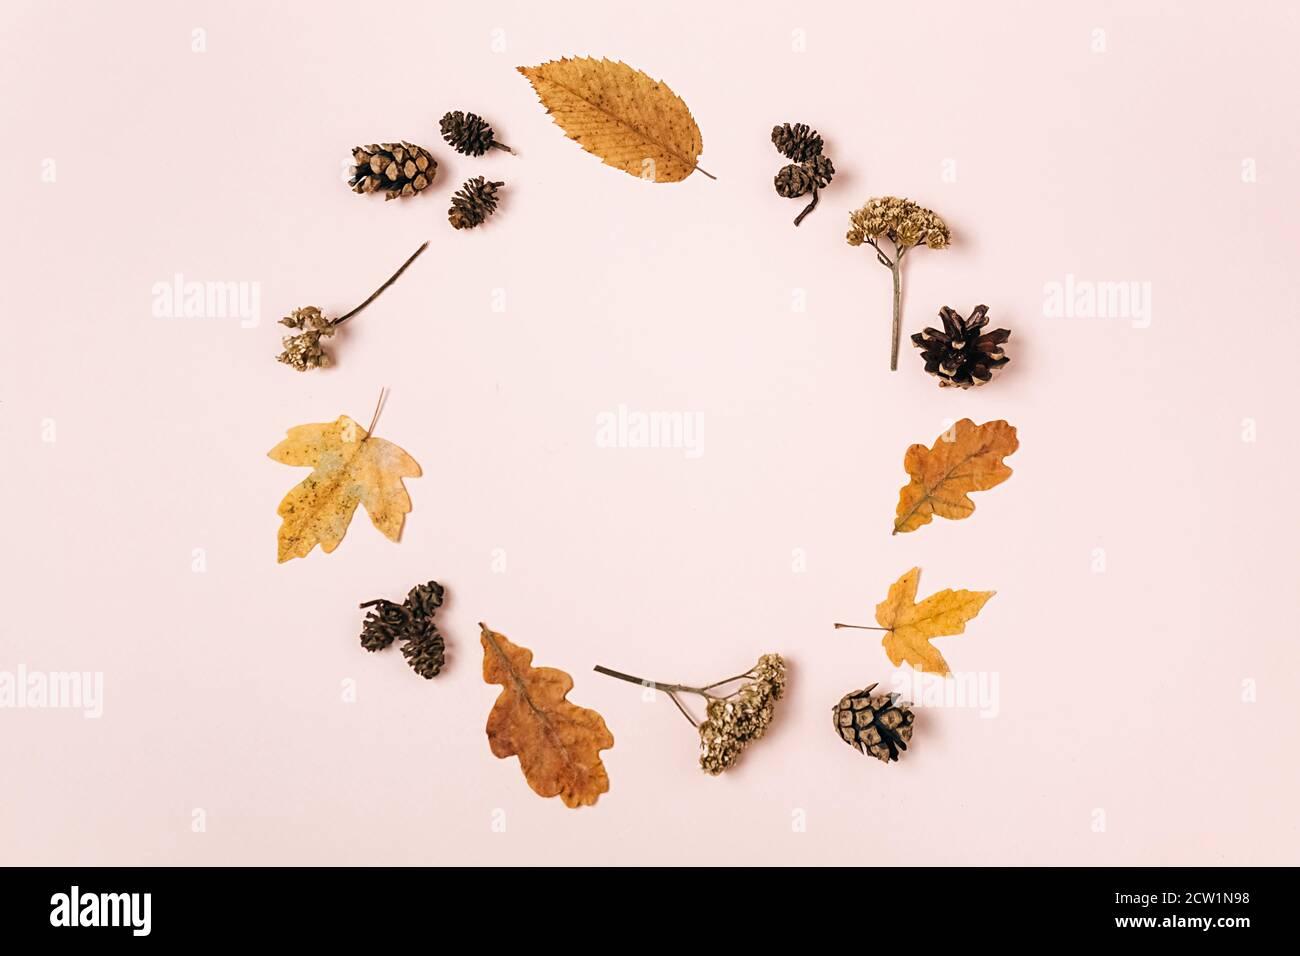 Kreative Komposition. Kranz aus getrockneten verschiedenen Blättern, Blumen, Tannenzapfen auf rosa Studiohintergrund für Werbung. Herbst, Herbst, Danksagung Stockfoto